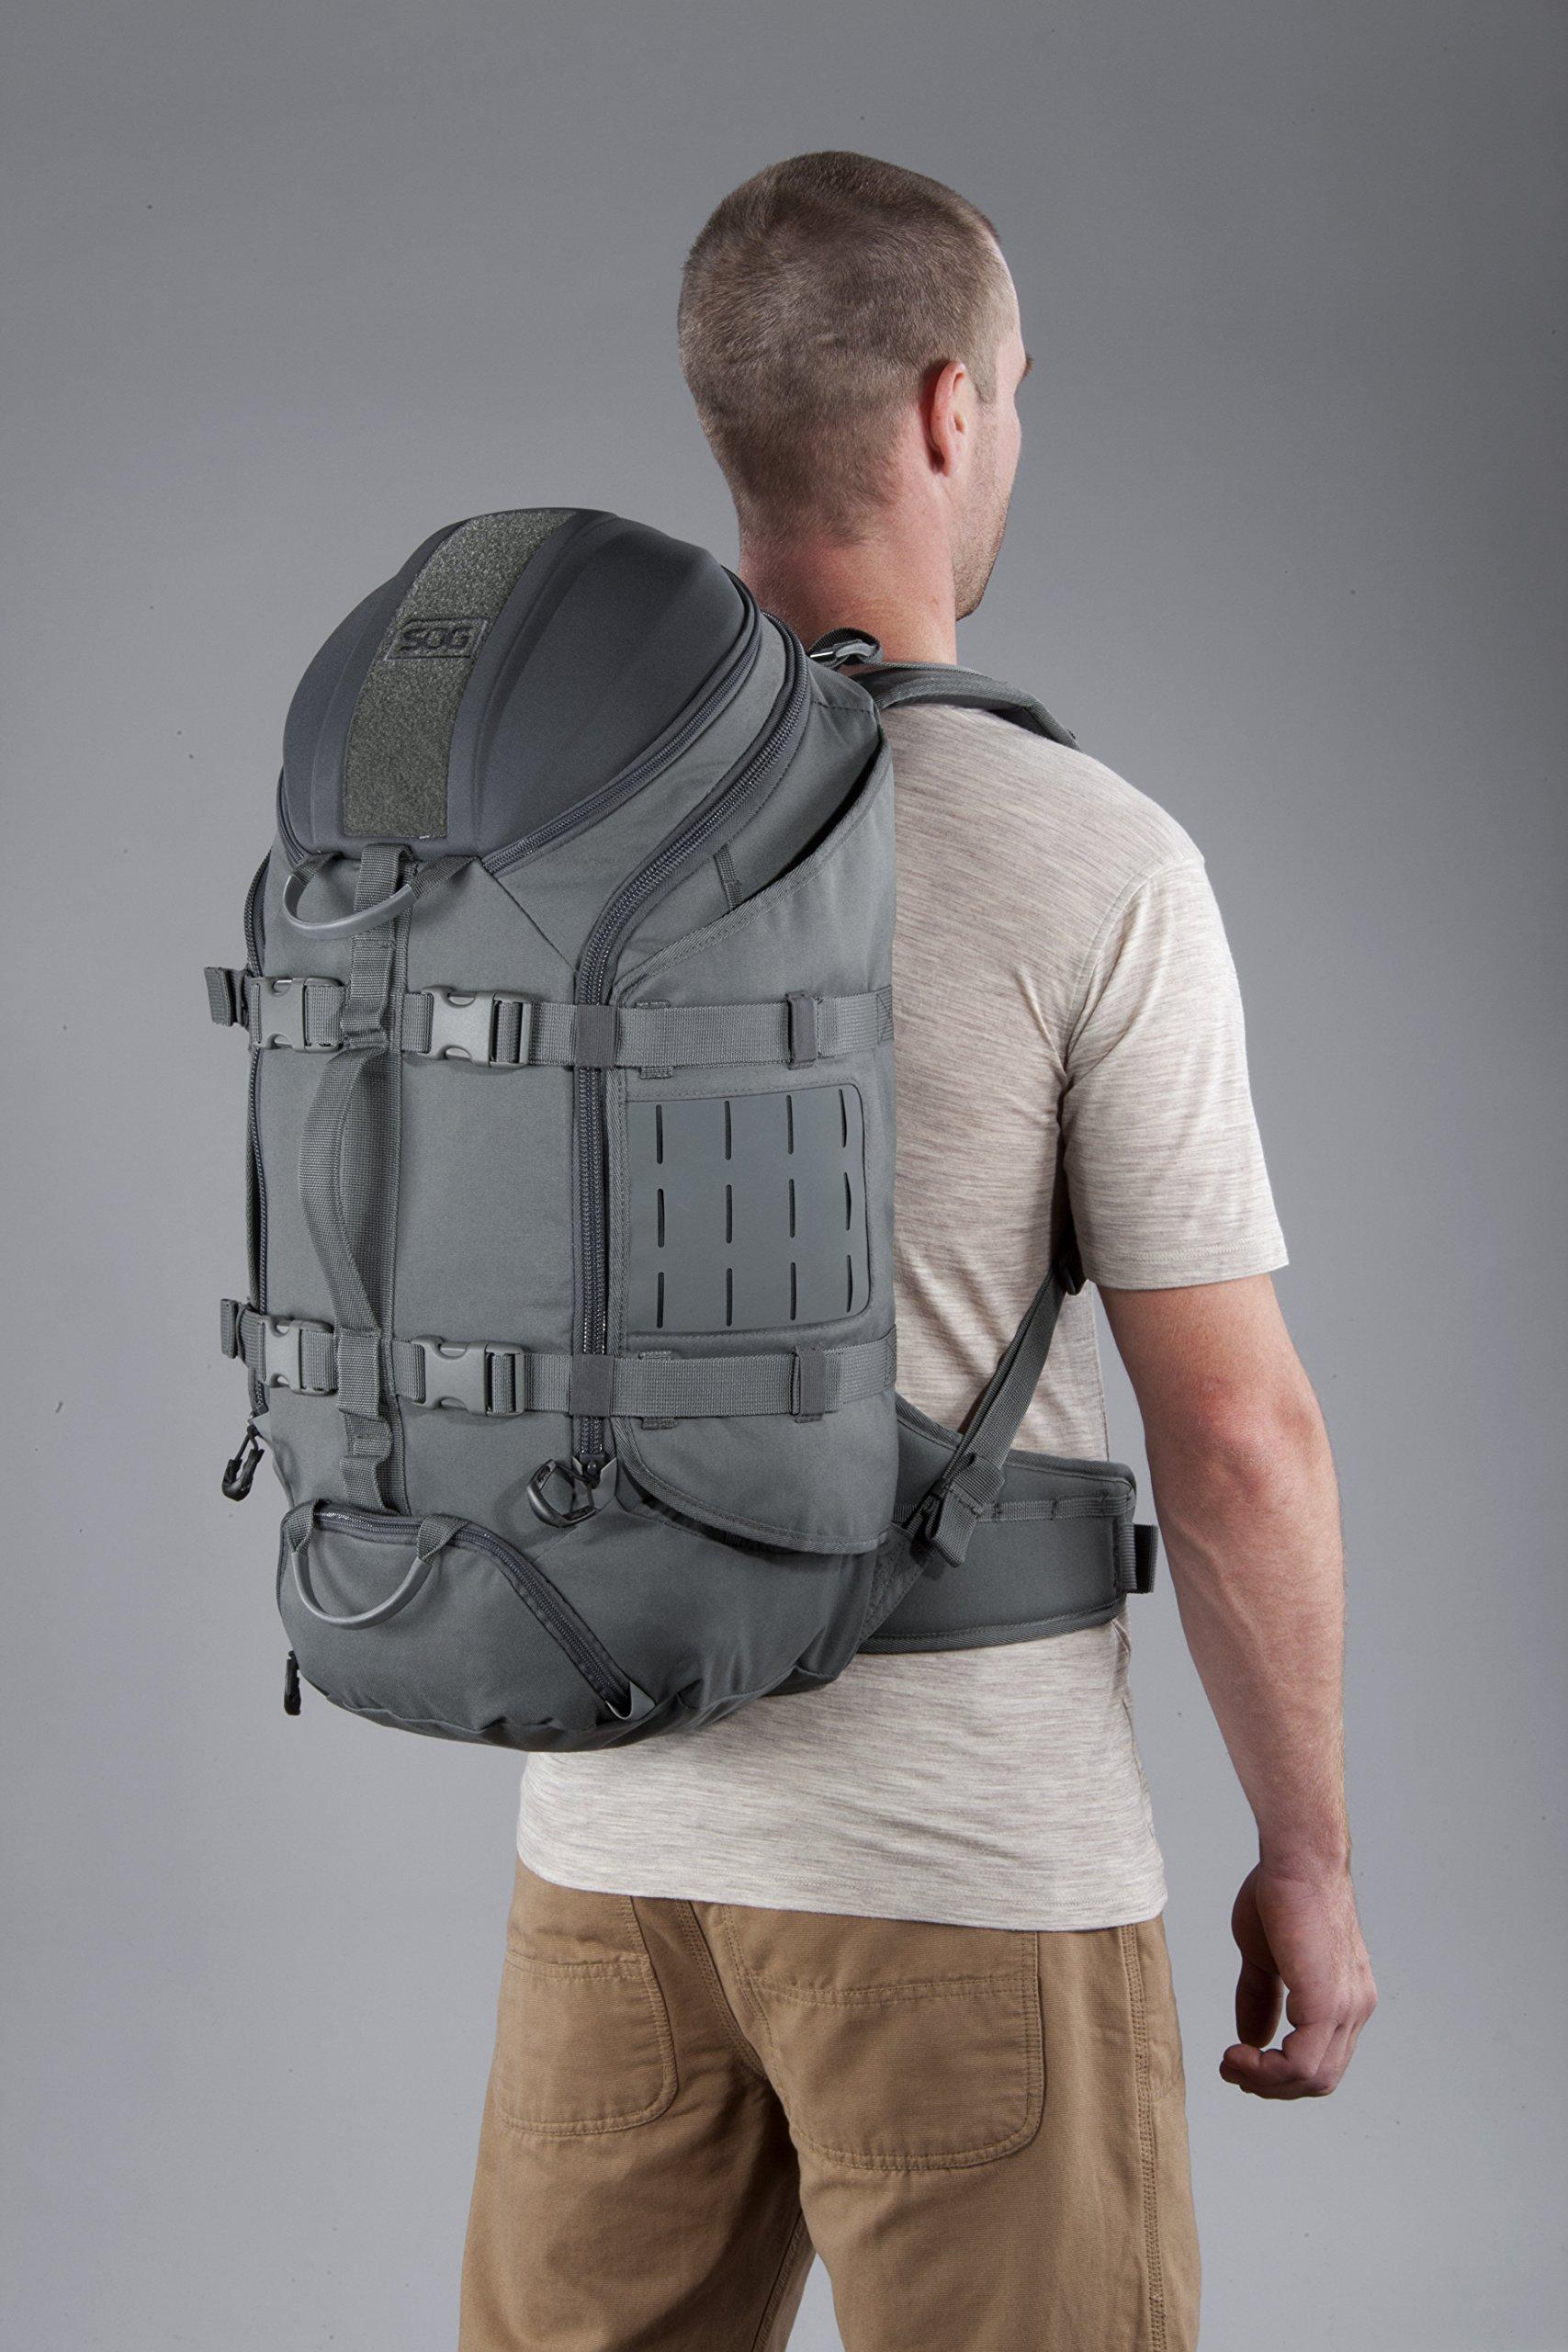 SOG Prophet Backpack CP1005G Grey, 33 L by SOG (Image #9)